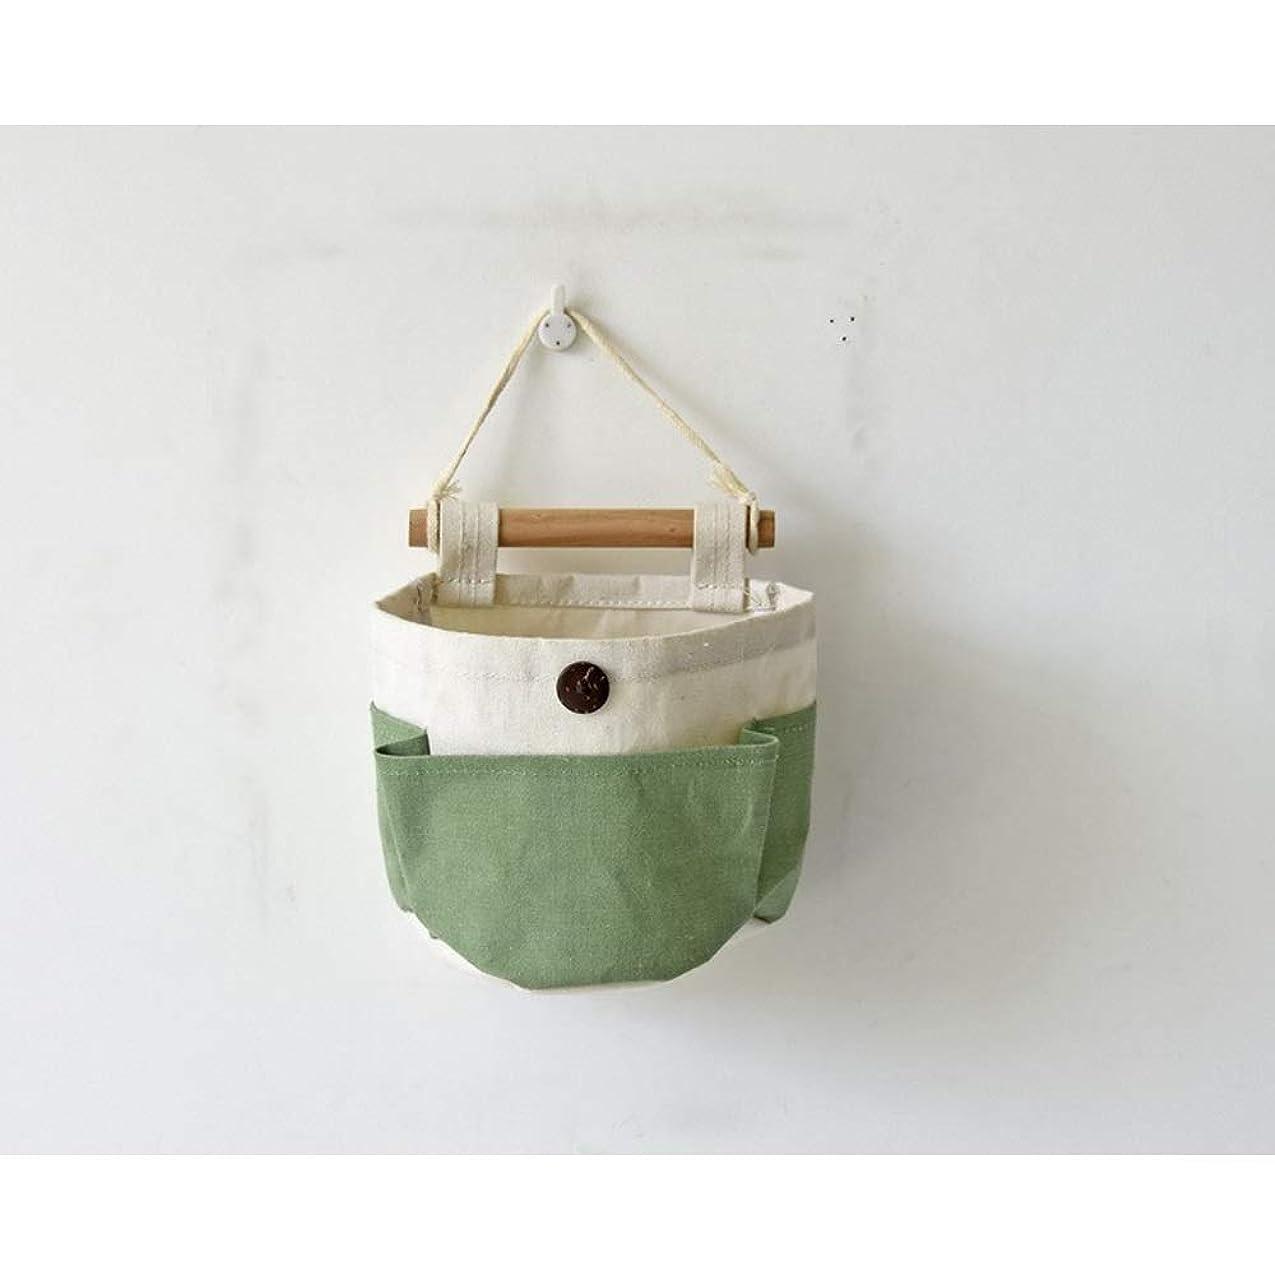 コマース組み込むボーカル壁掛け収納袋 ストレージハンギングバッグキャンディーカラータンデムハンギングバッグDIYコンビネーションストレージバッグ多機能壁掛けバッグ ストレージハンギングバッグ (Color : Green, Size : 14.5cm x 13cm x 7.5cm)